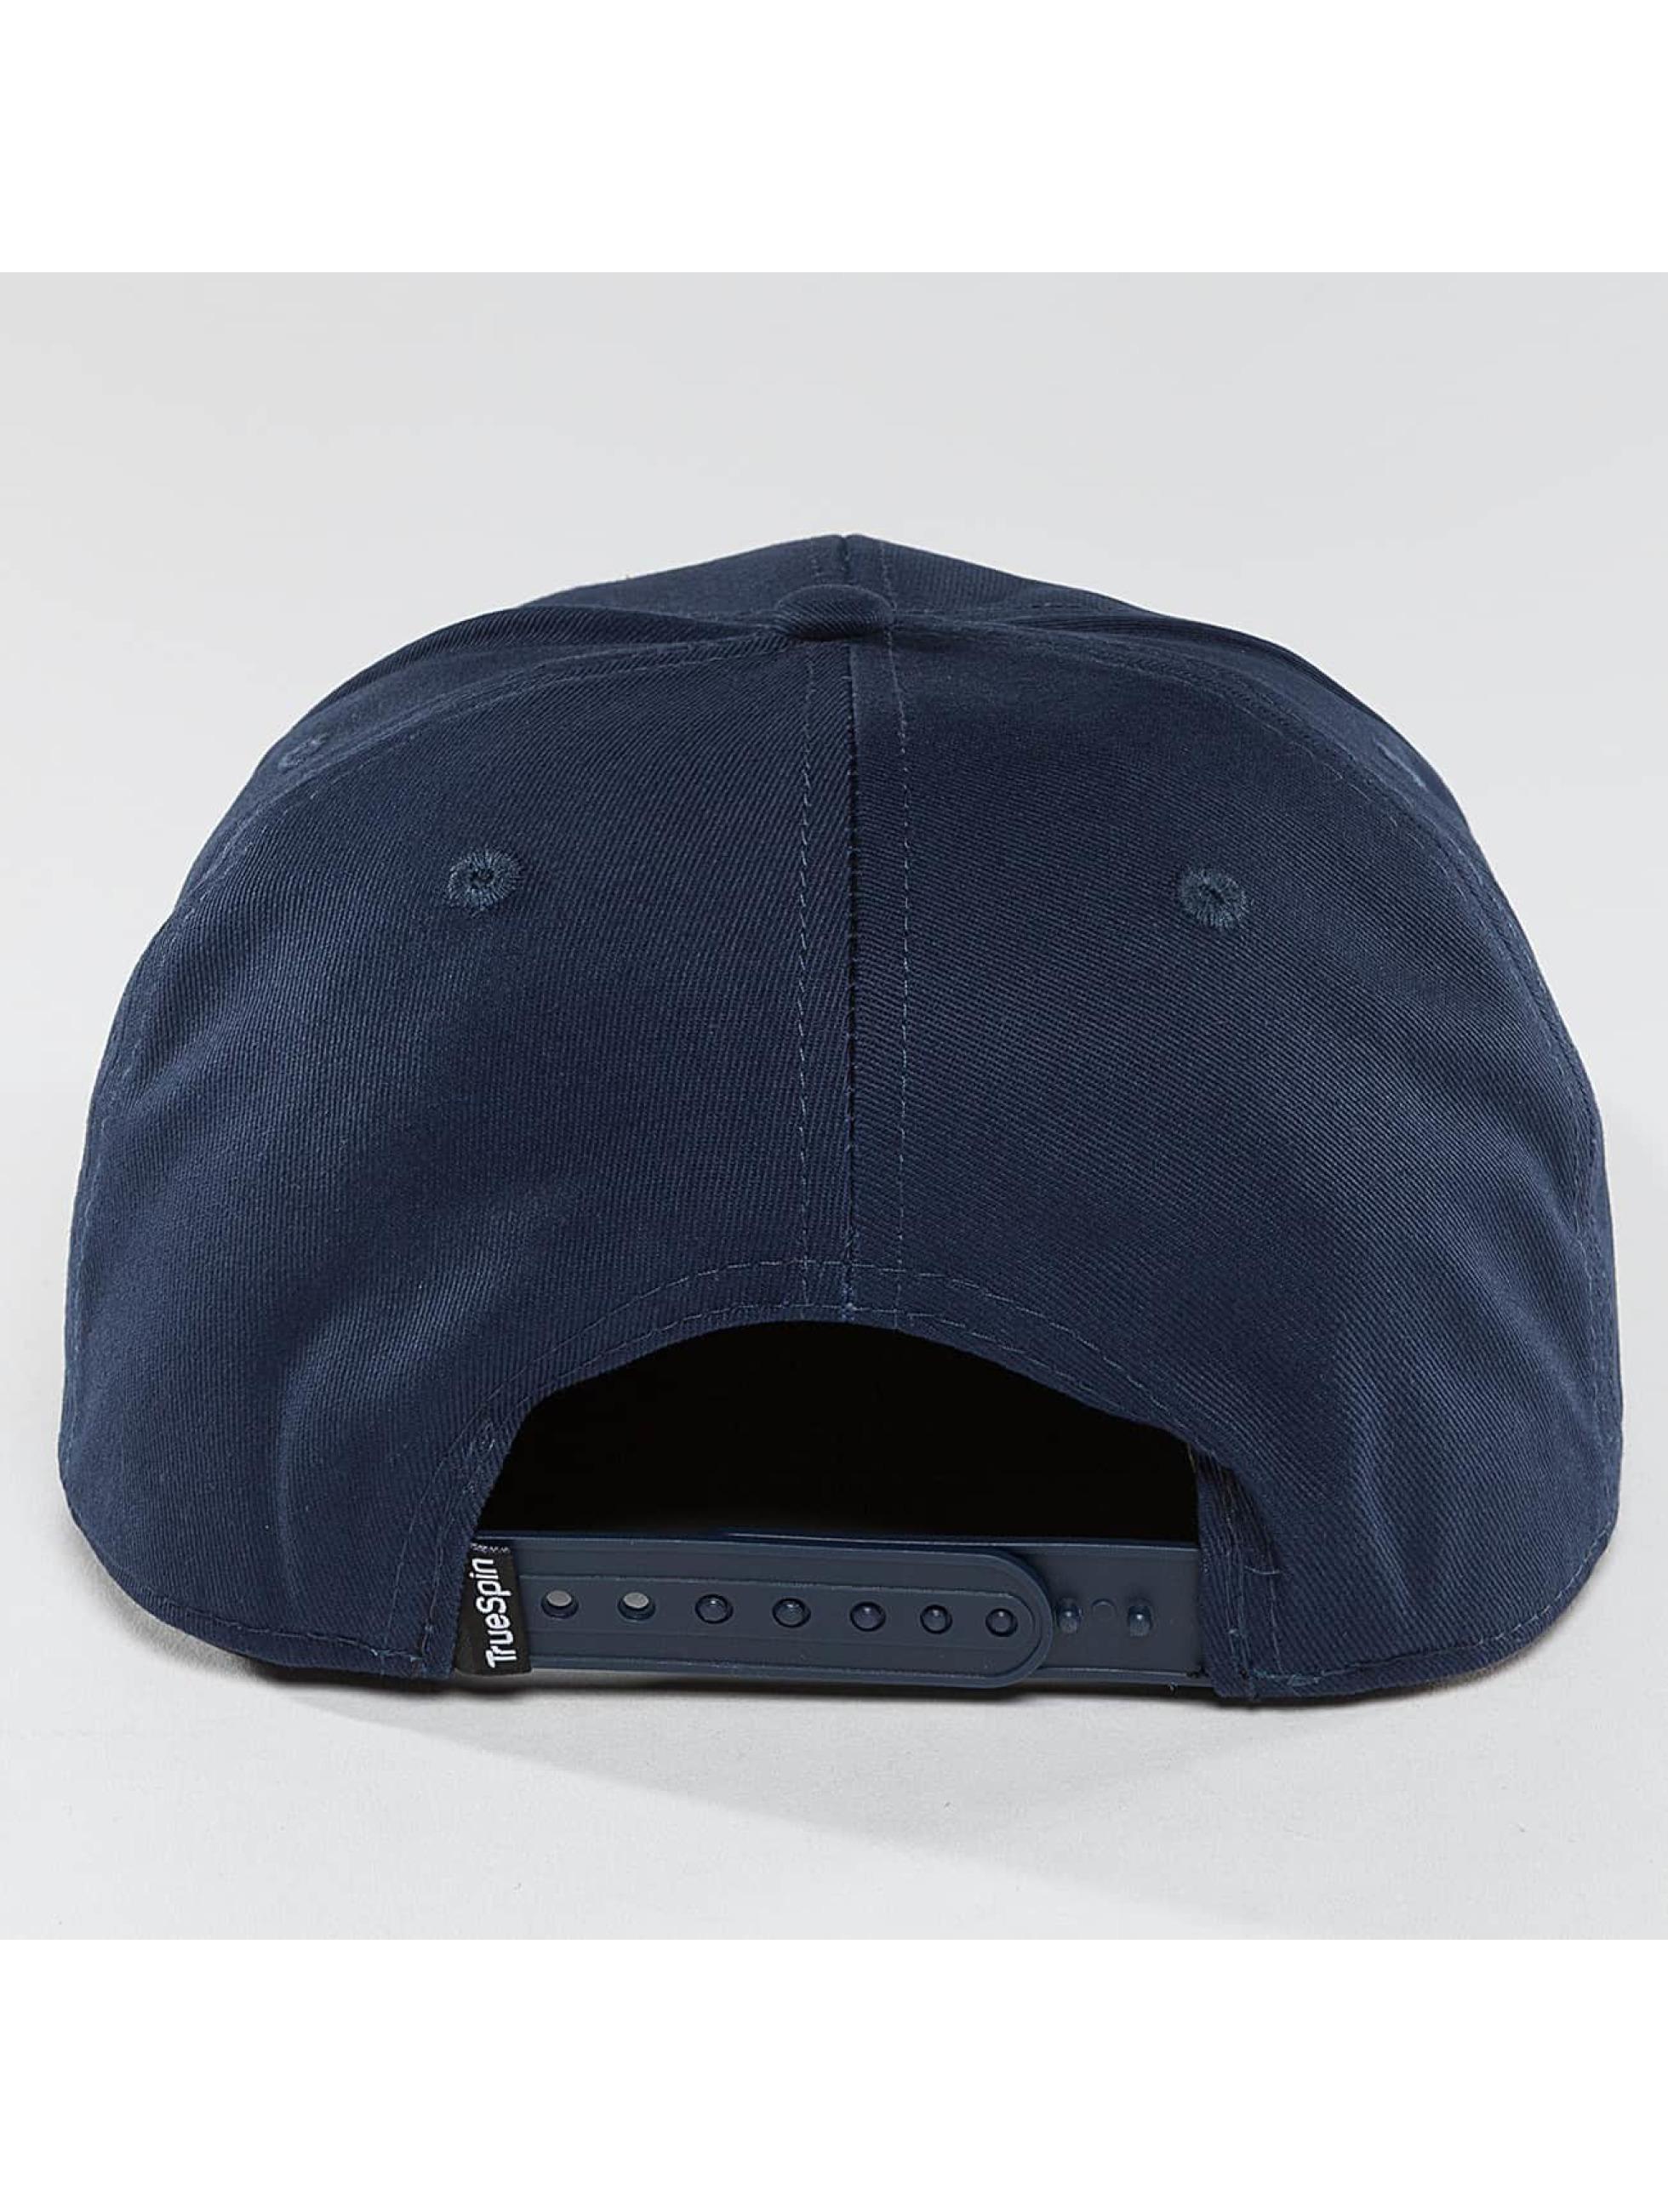 TrueSpin Casquette Snapback & Strapback Gems bleu